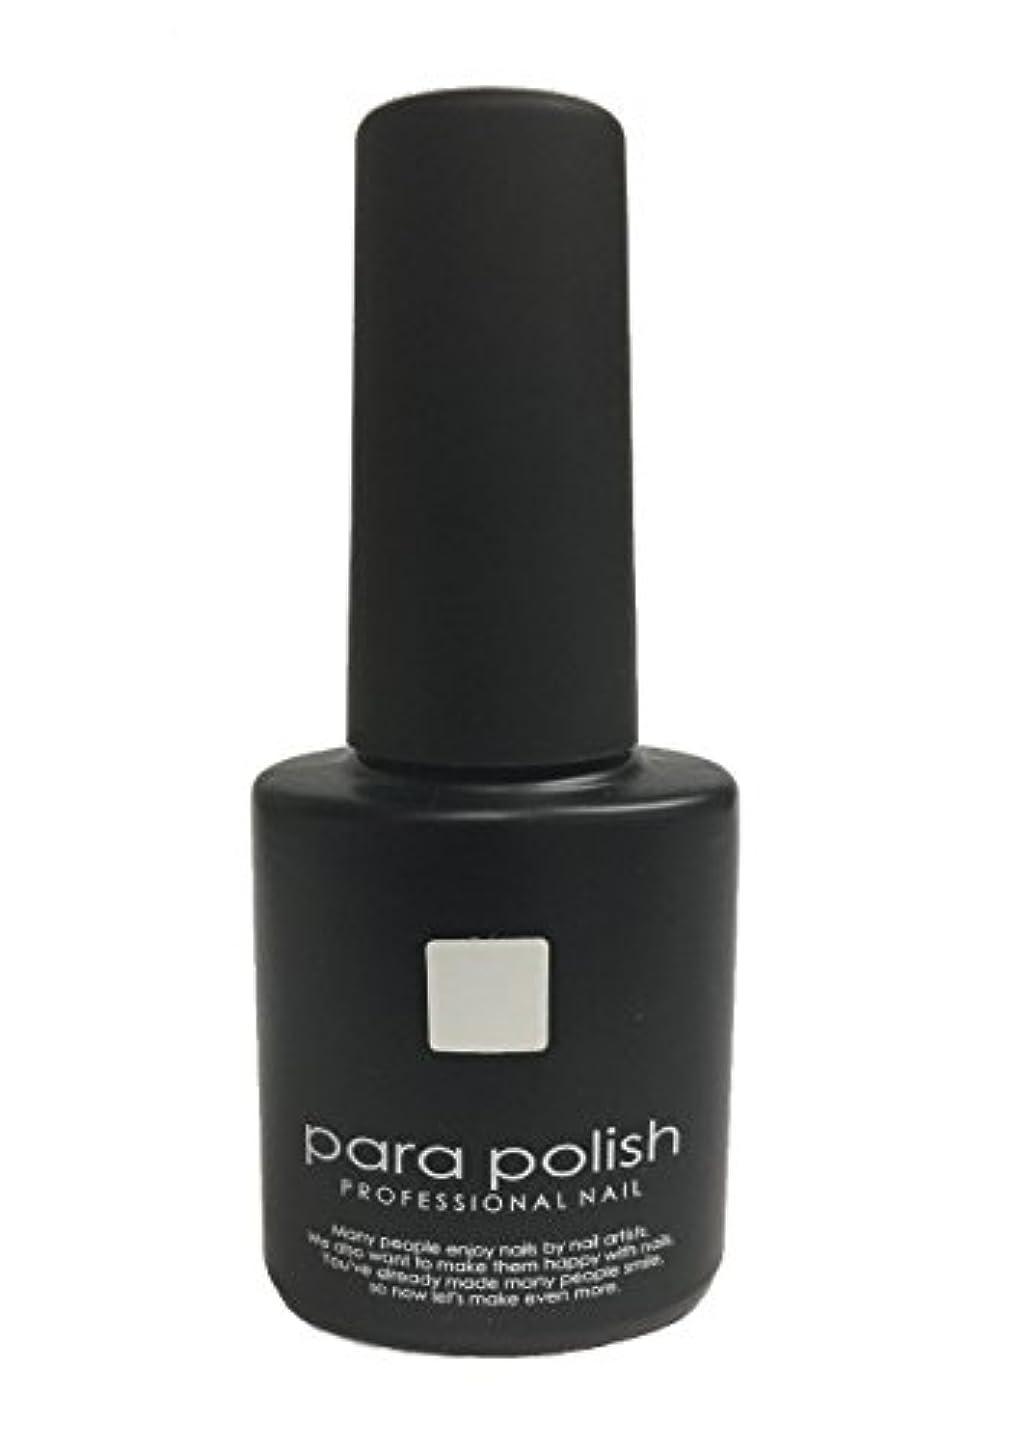 クレーンロシア癌パラジェル para polish(パラポリッシュ) カラージェル V1 ホワイト 7g